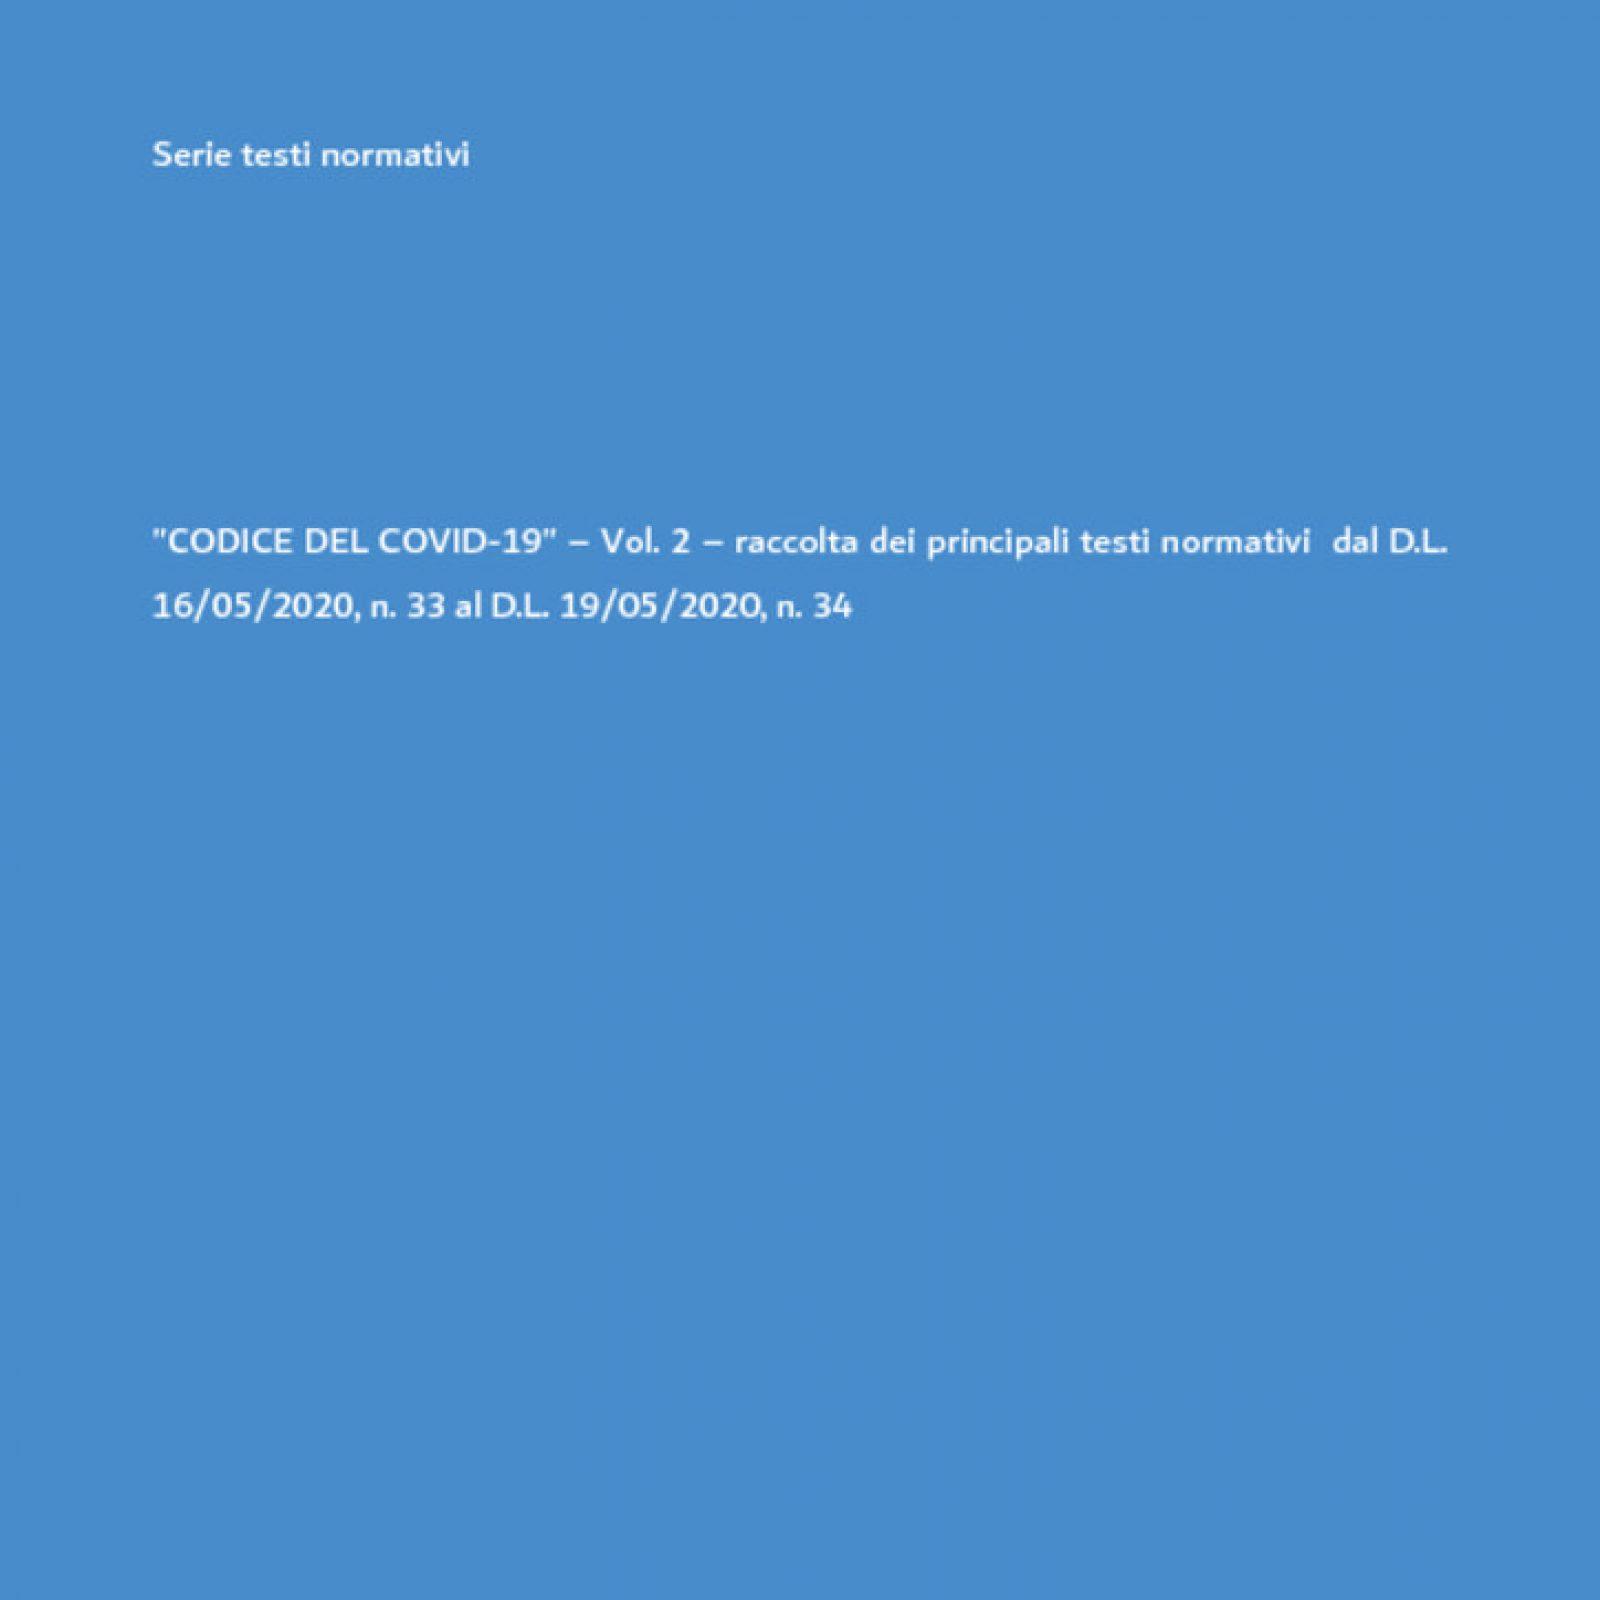 Il codice del COVID-19 aggiornato al decreto rilancio